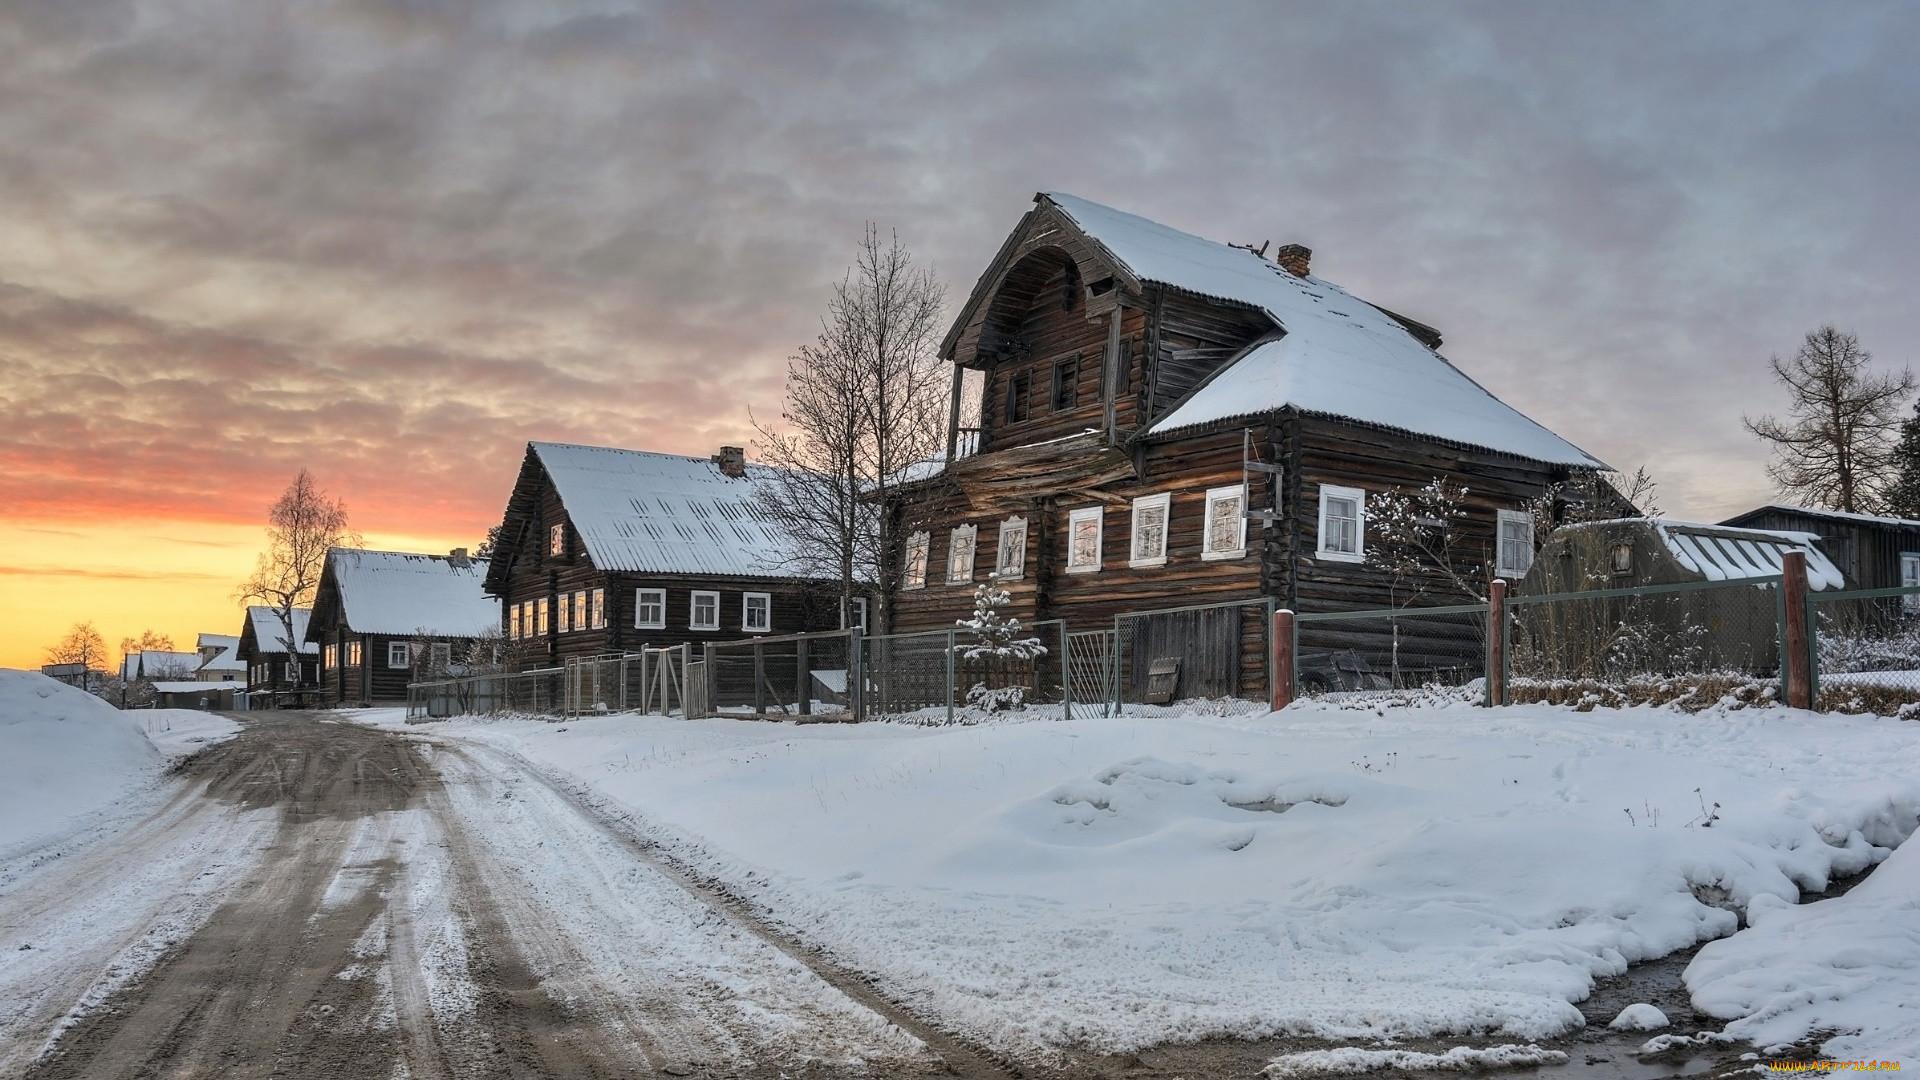 человеке фото зимних деревенских домов россии суровы, старость взыщет